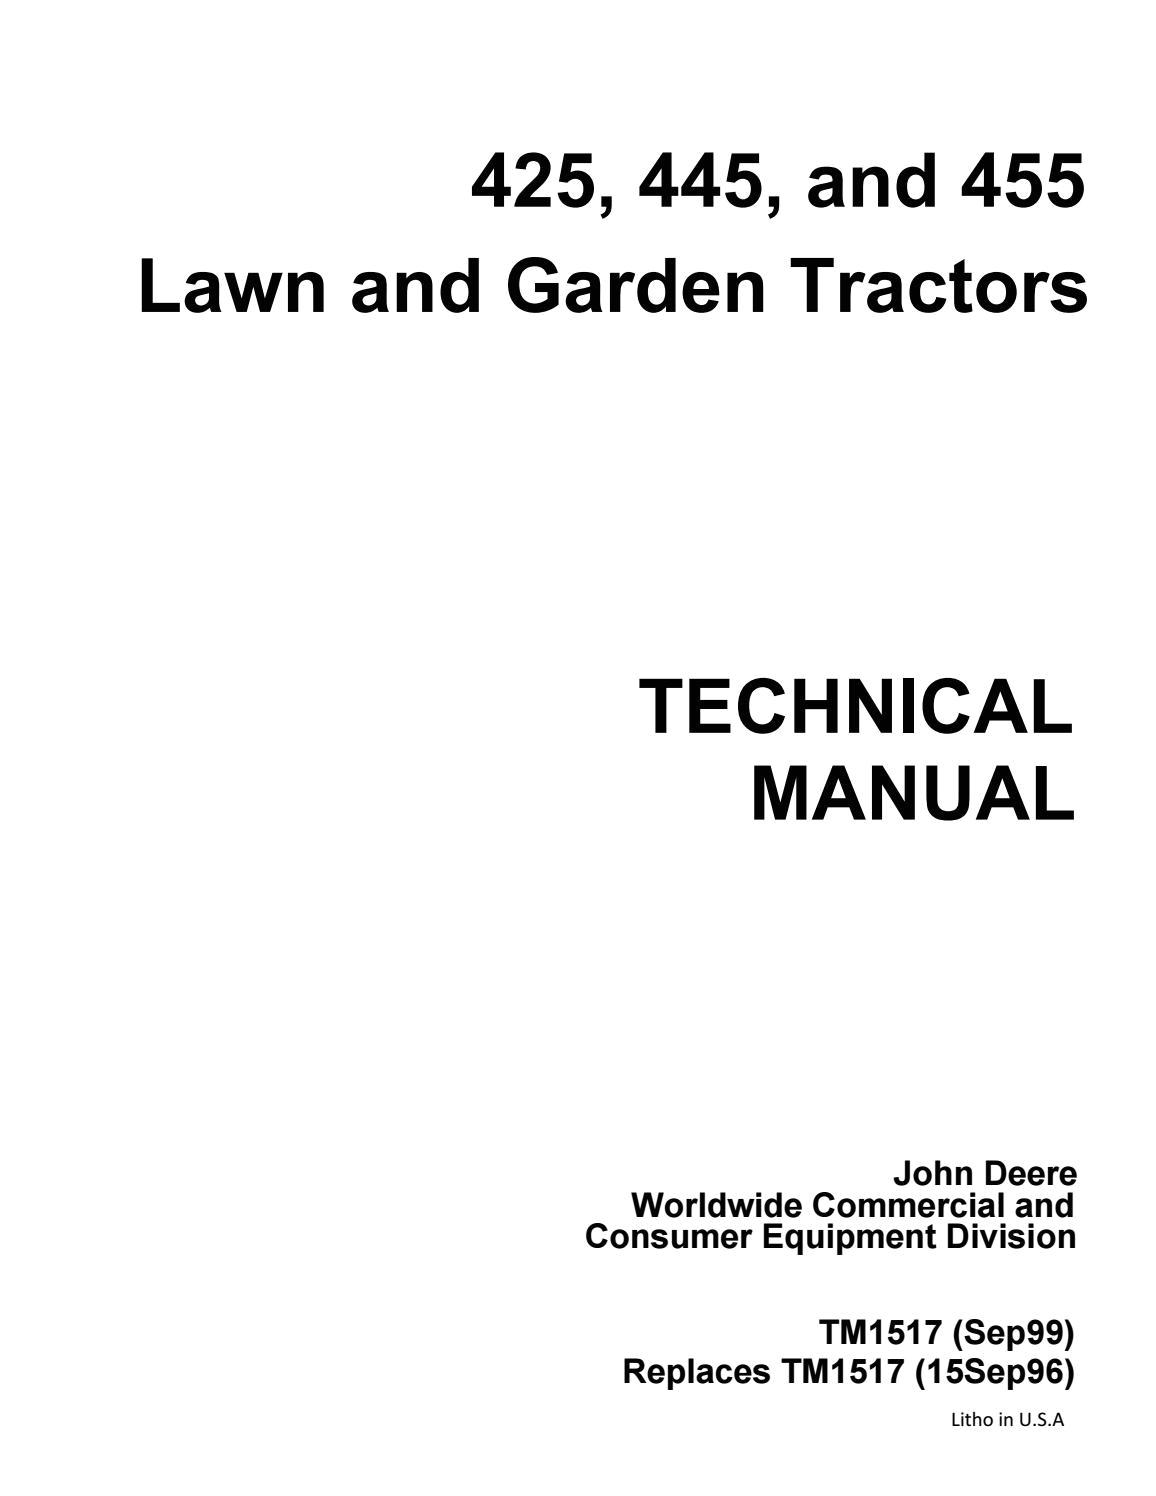 John Deere 455 Diesel Wiring Diagram John Deere 455 Lawn Garden Tractor Service Repair Manual by